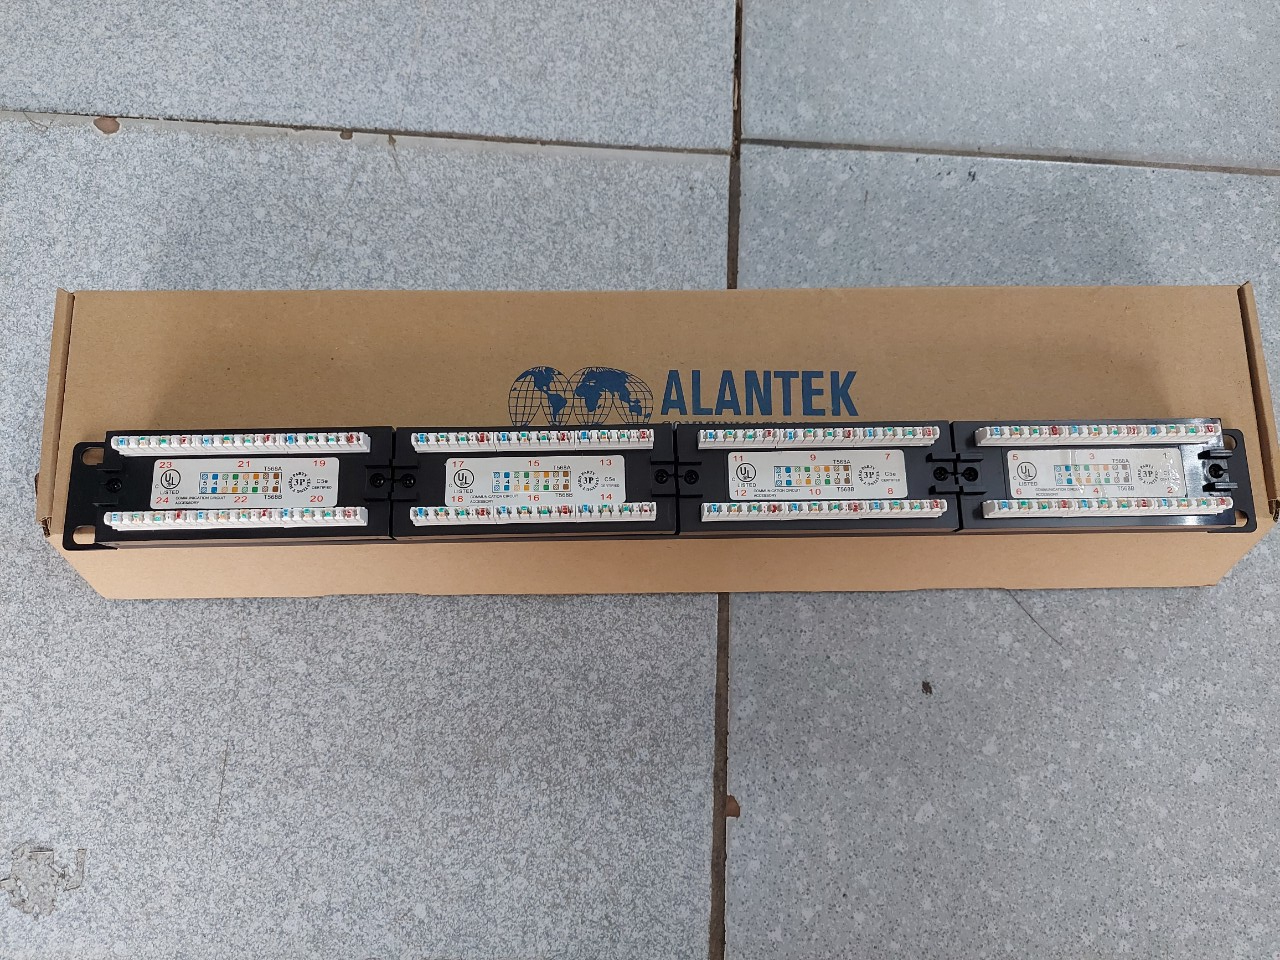 Patch Panel 24 port Cat5e ALANTEK  302-201001-2400